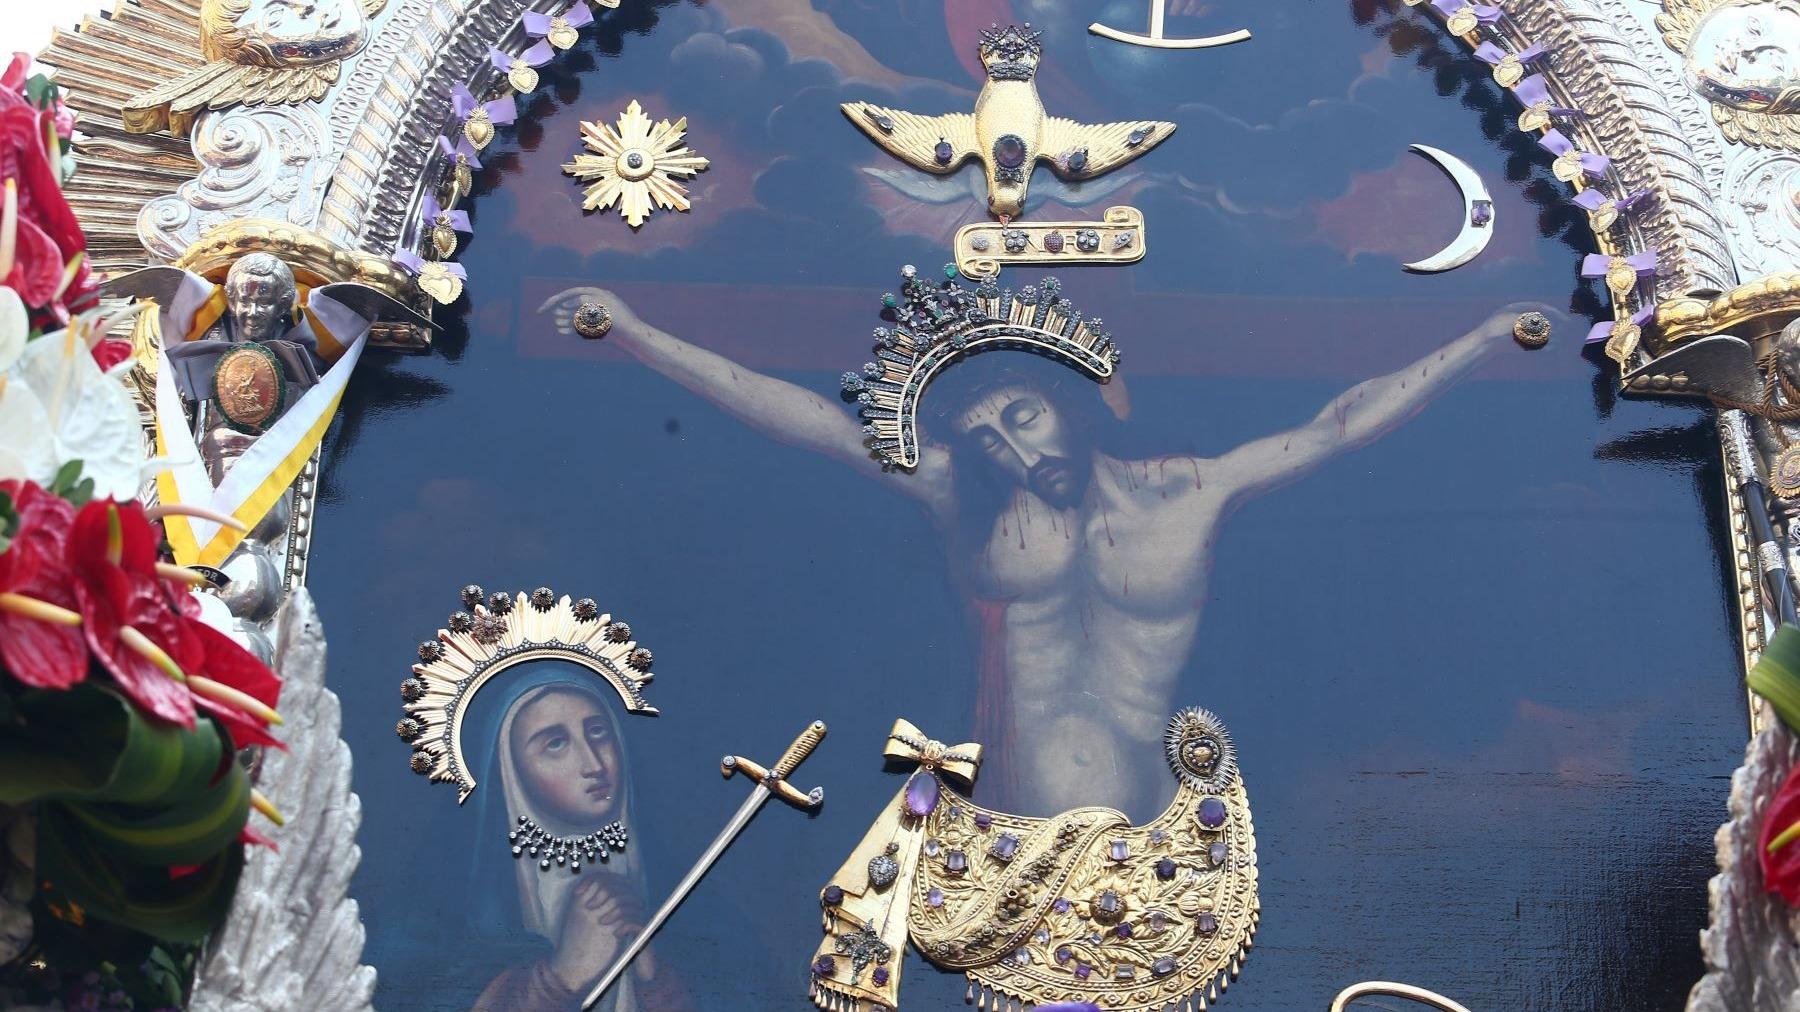 Este año no se realizarán las tradicionales procesiones del Señor de los Milagros.